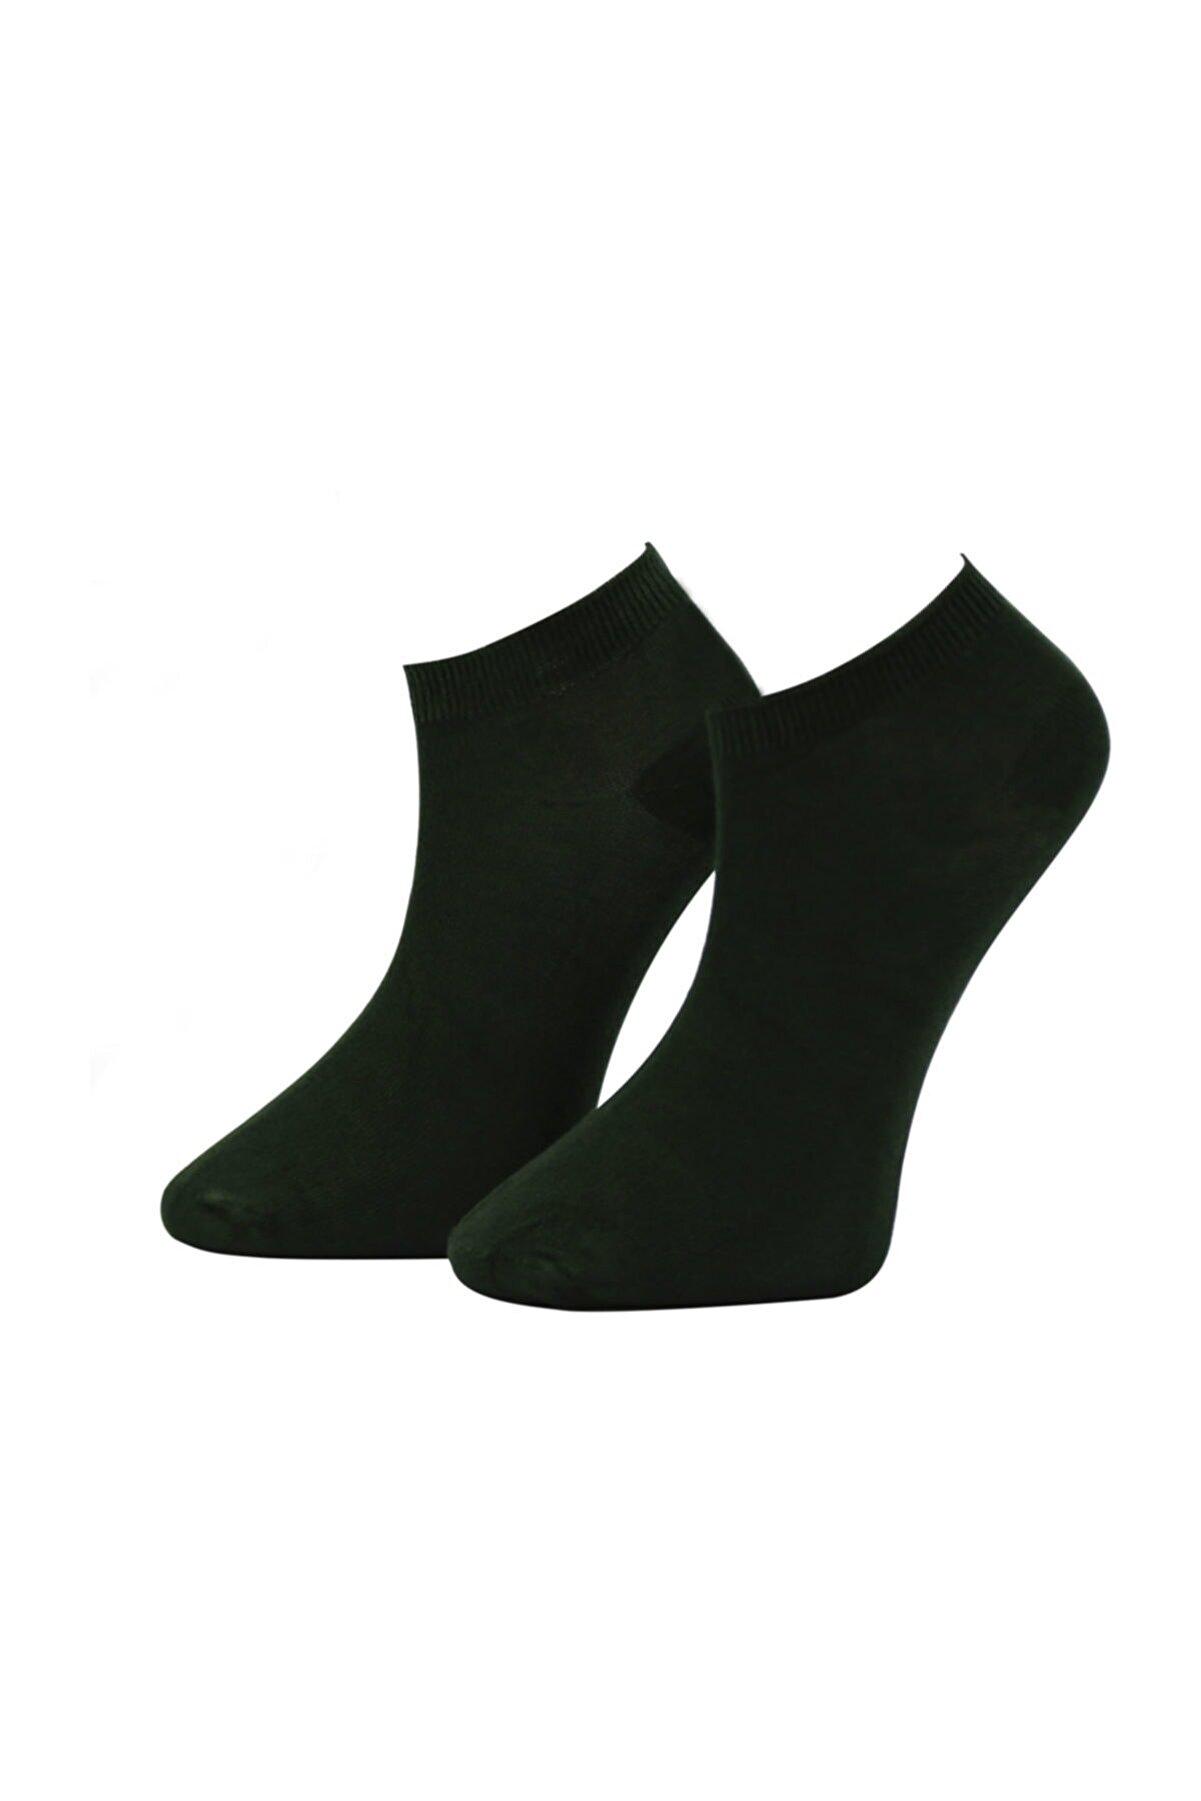 ADABELLA Kadın Siyah Bambu Dikişsiz Soket Kısa Çorap 12 Çift